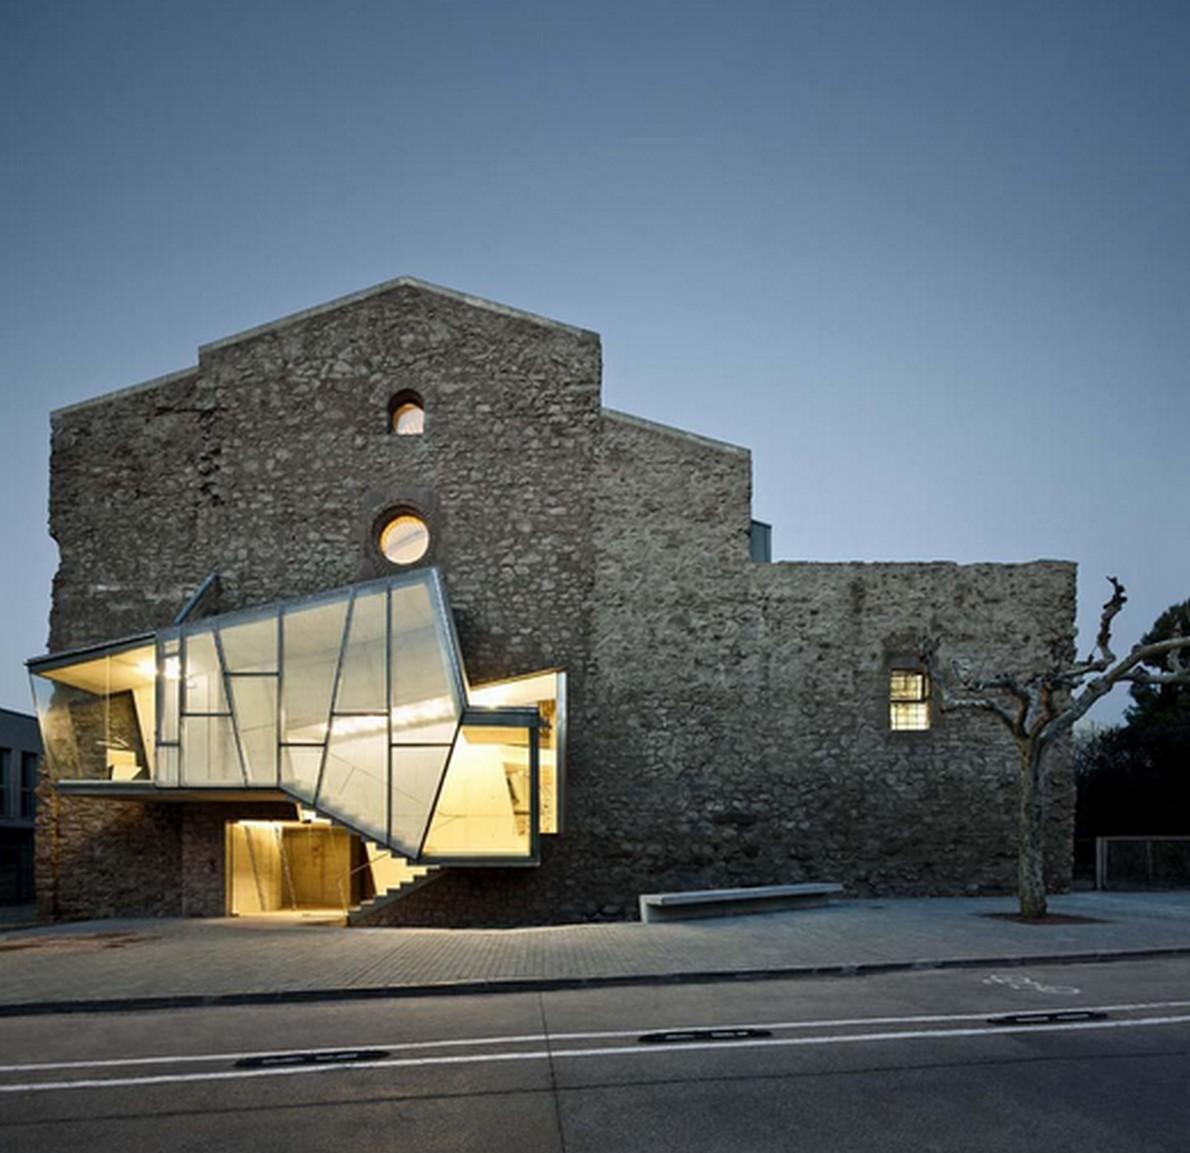 Architetti Famosi Antichi le 10 chiese più moderne (e belle) del pianeta (fotogallery